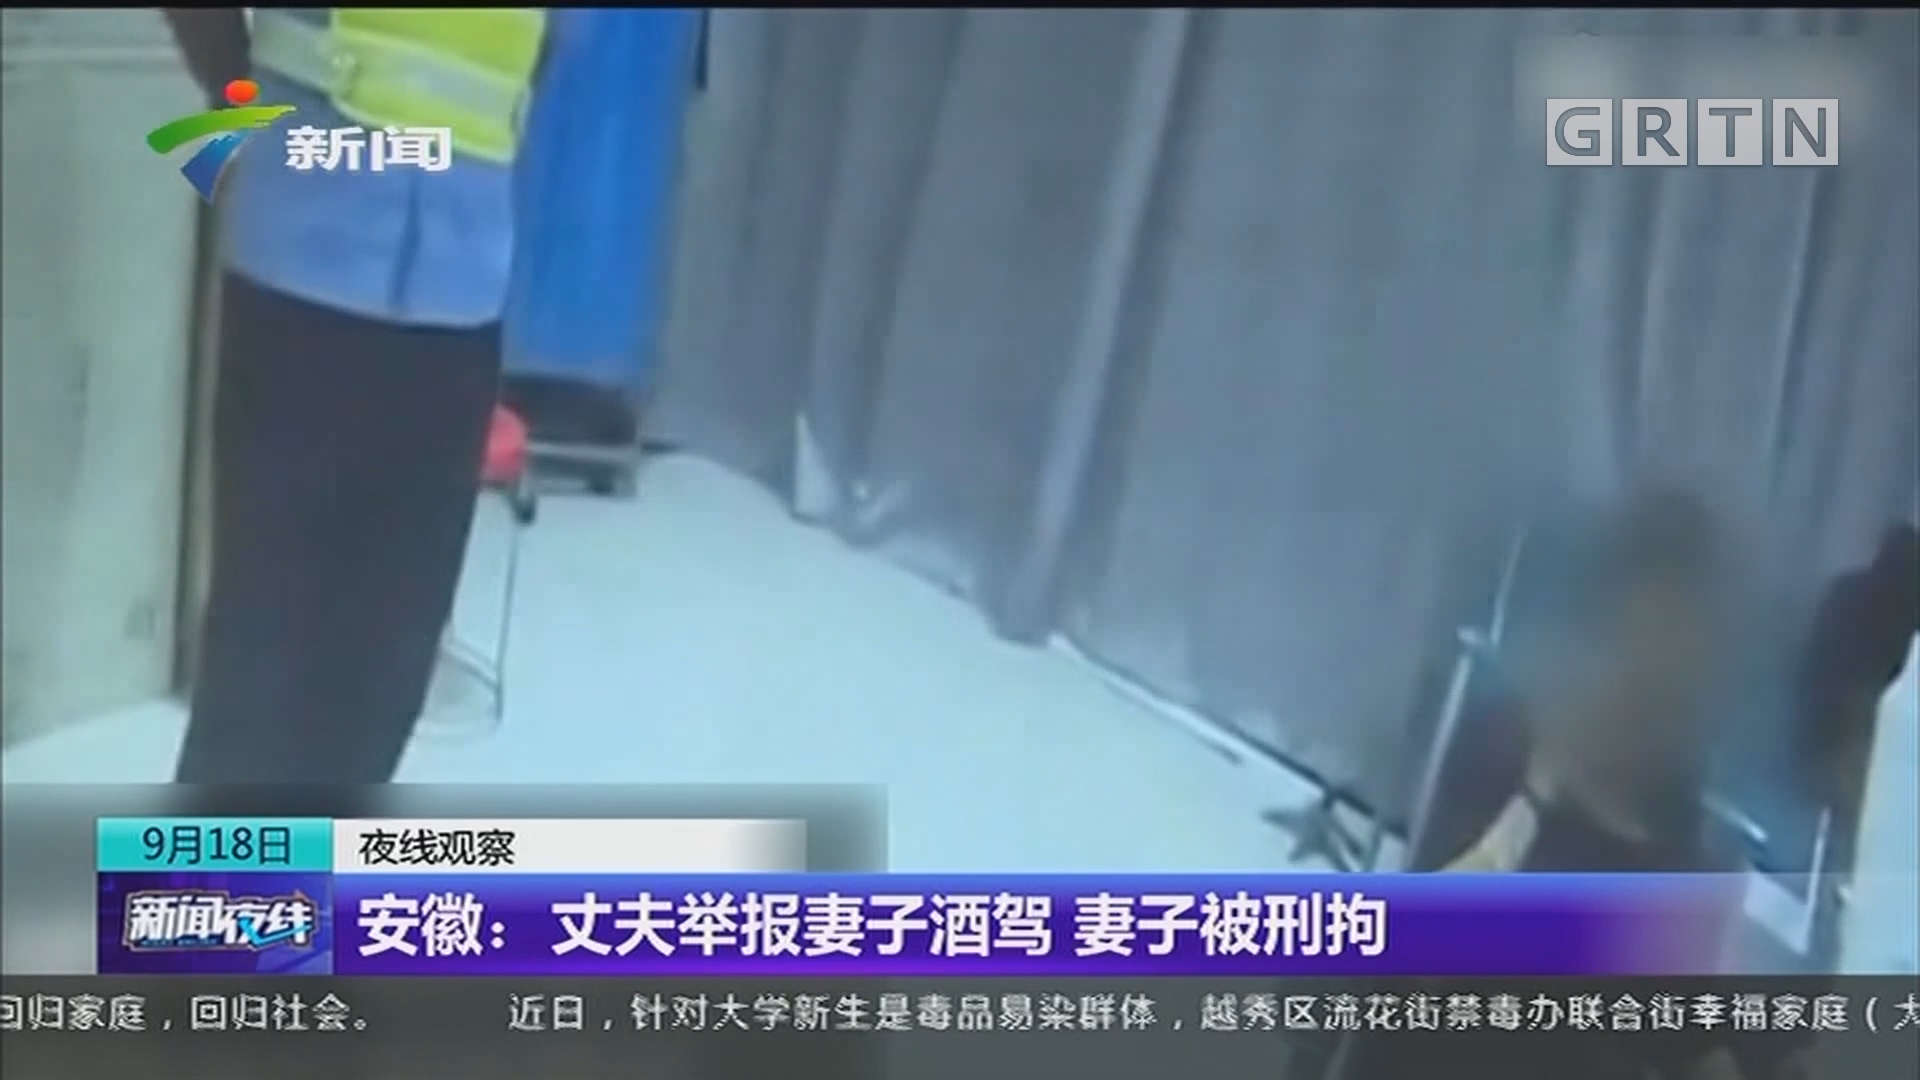 安徽:丈夫举报妻子酒驾 妻子被刑拘